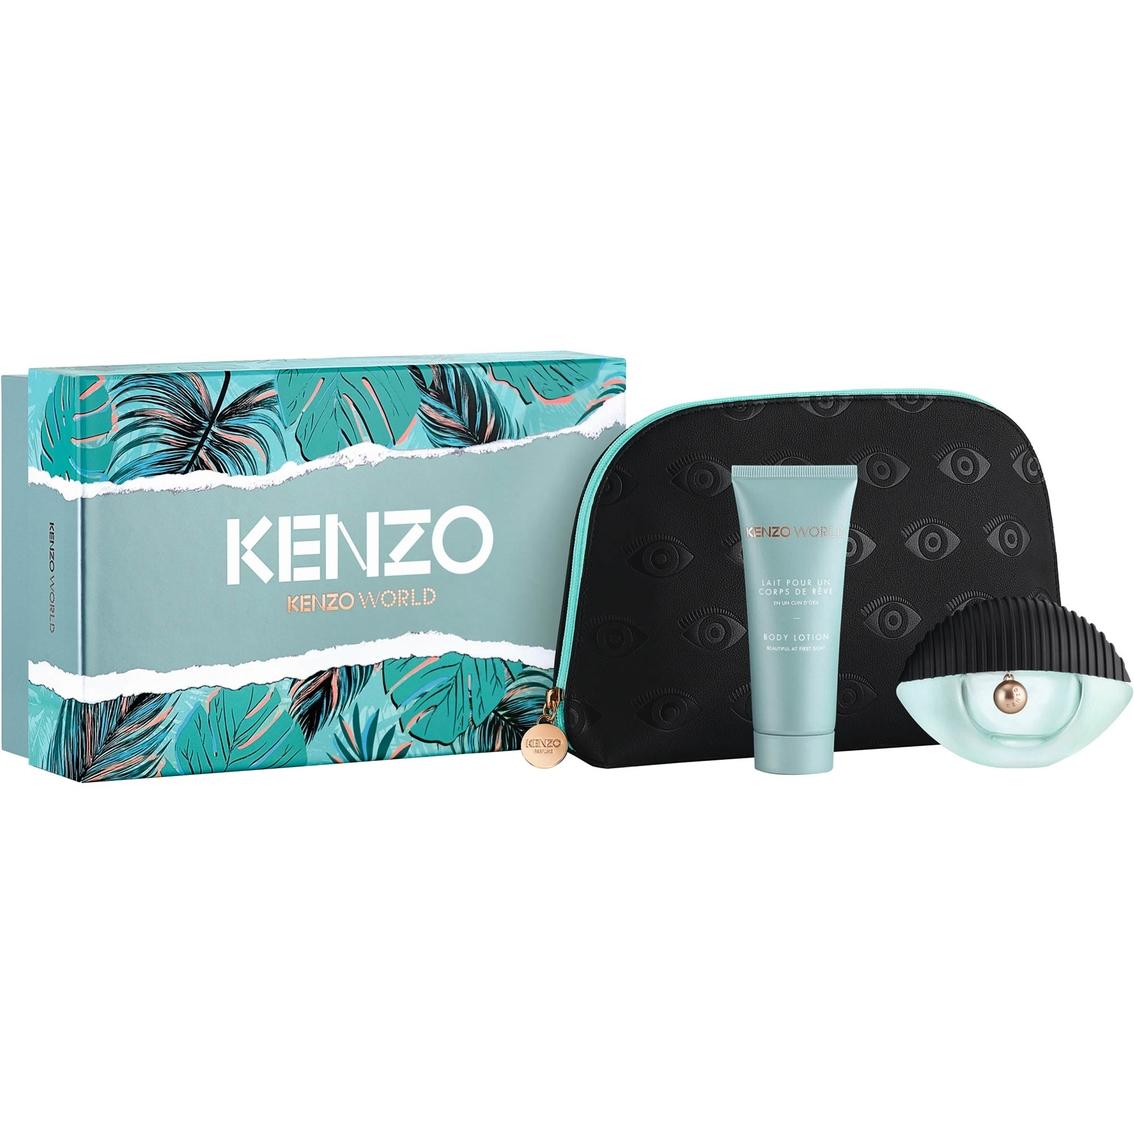 kenzo world eau de parfum gift set gifts sets for her. Black Bedroom Furniture Sets. Home Design Ideas